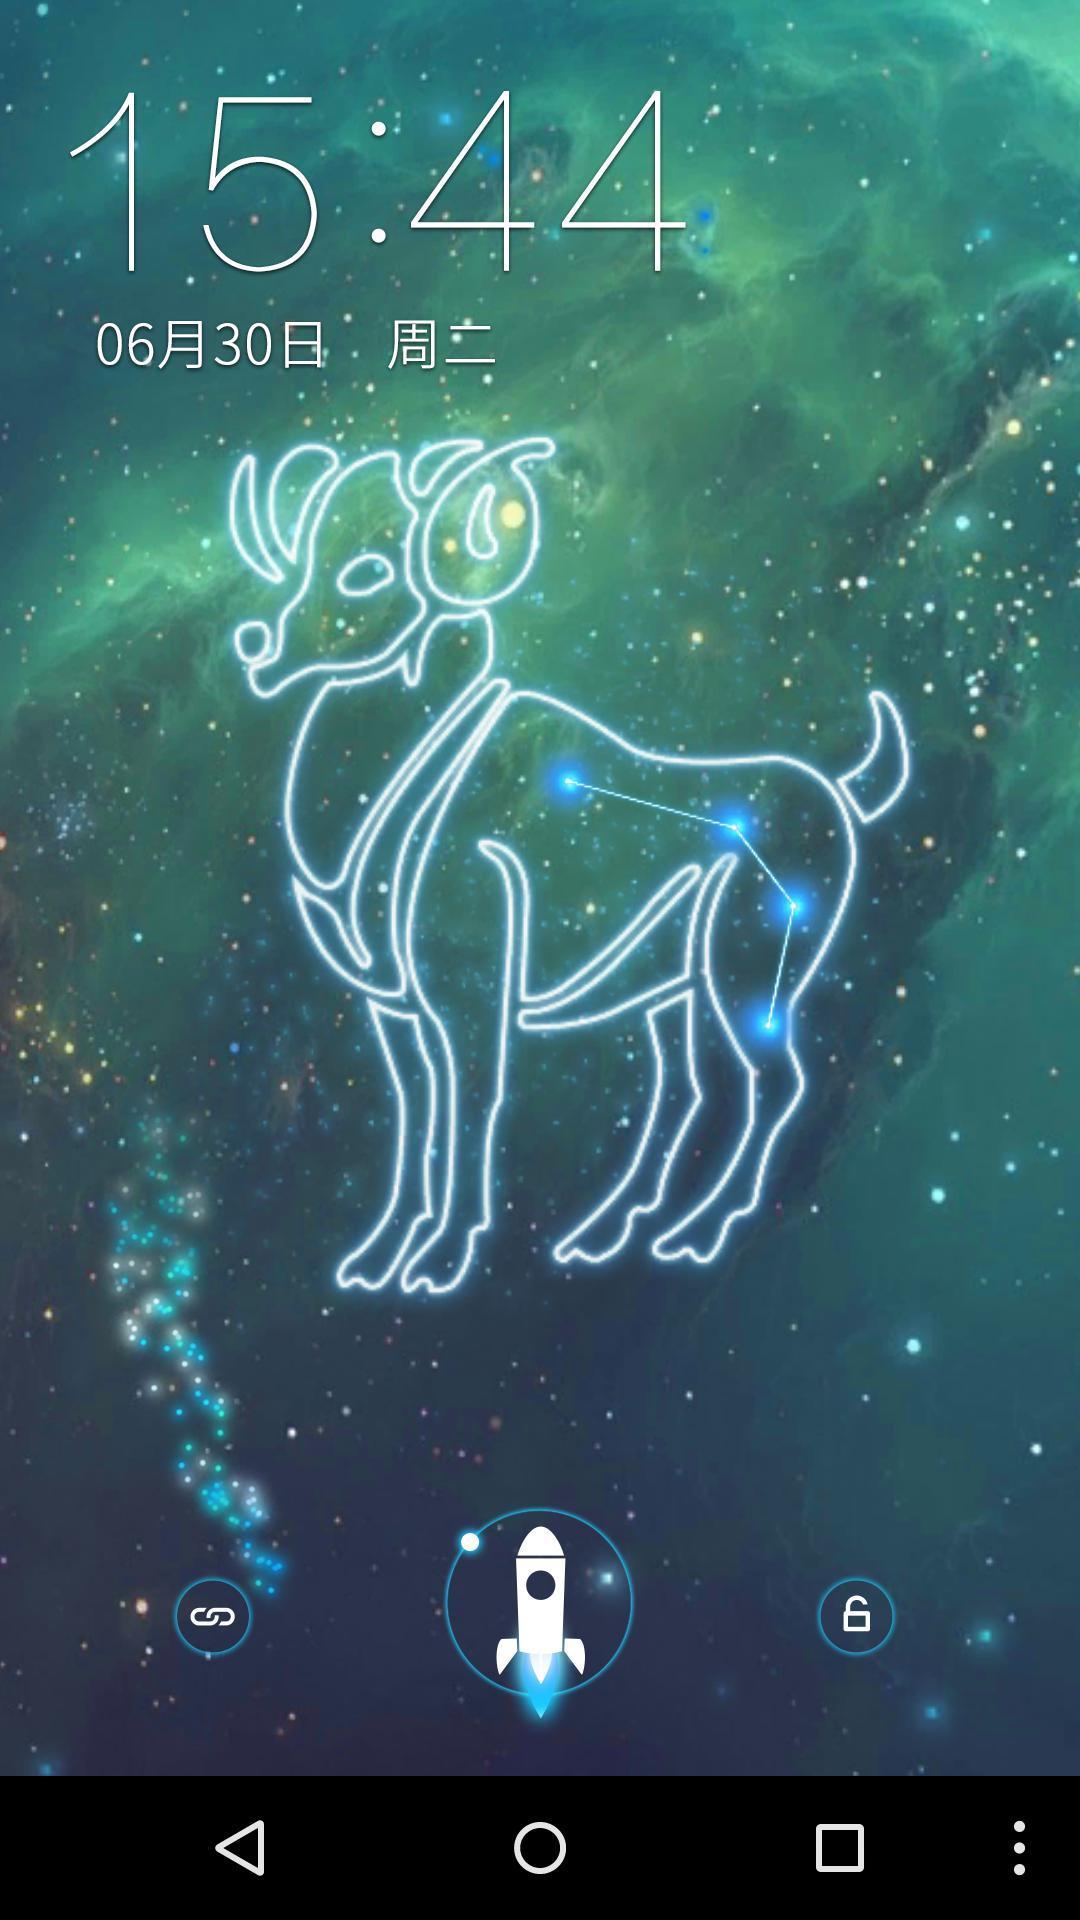 白羊座-梦象动态壁纸